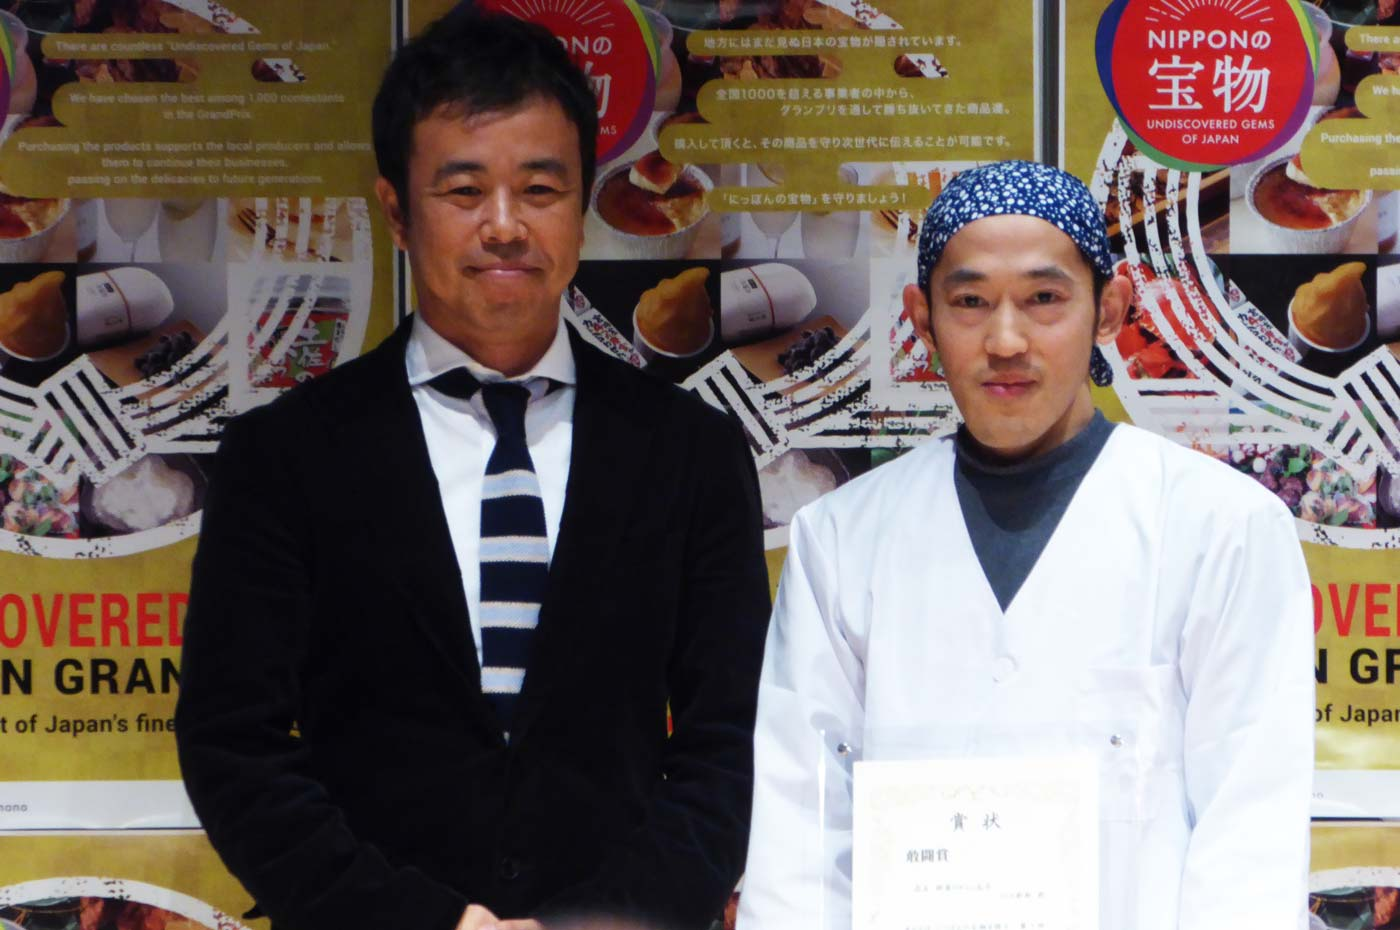 敢闘賞(鰻屋のからし茄子)の表彰式